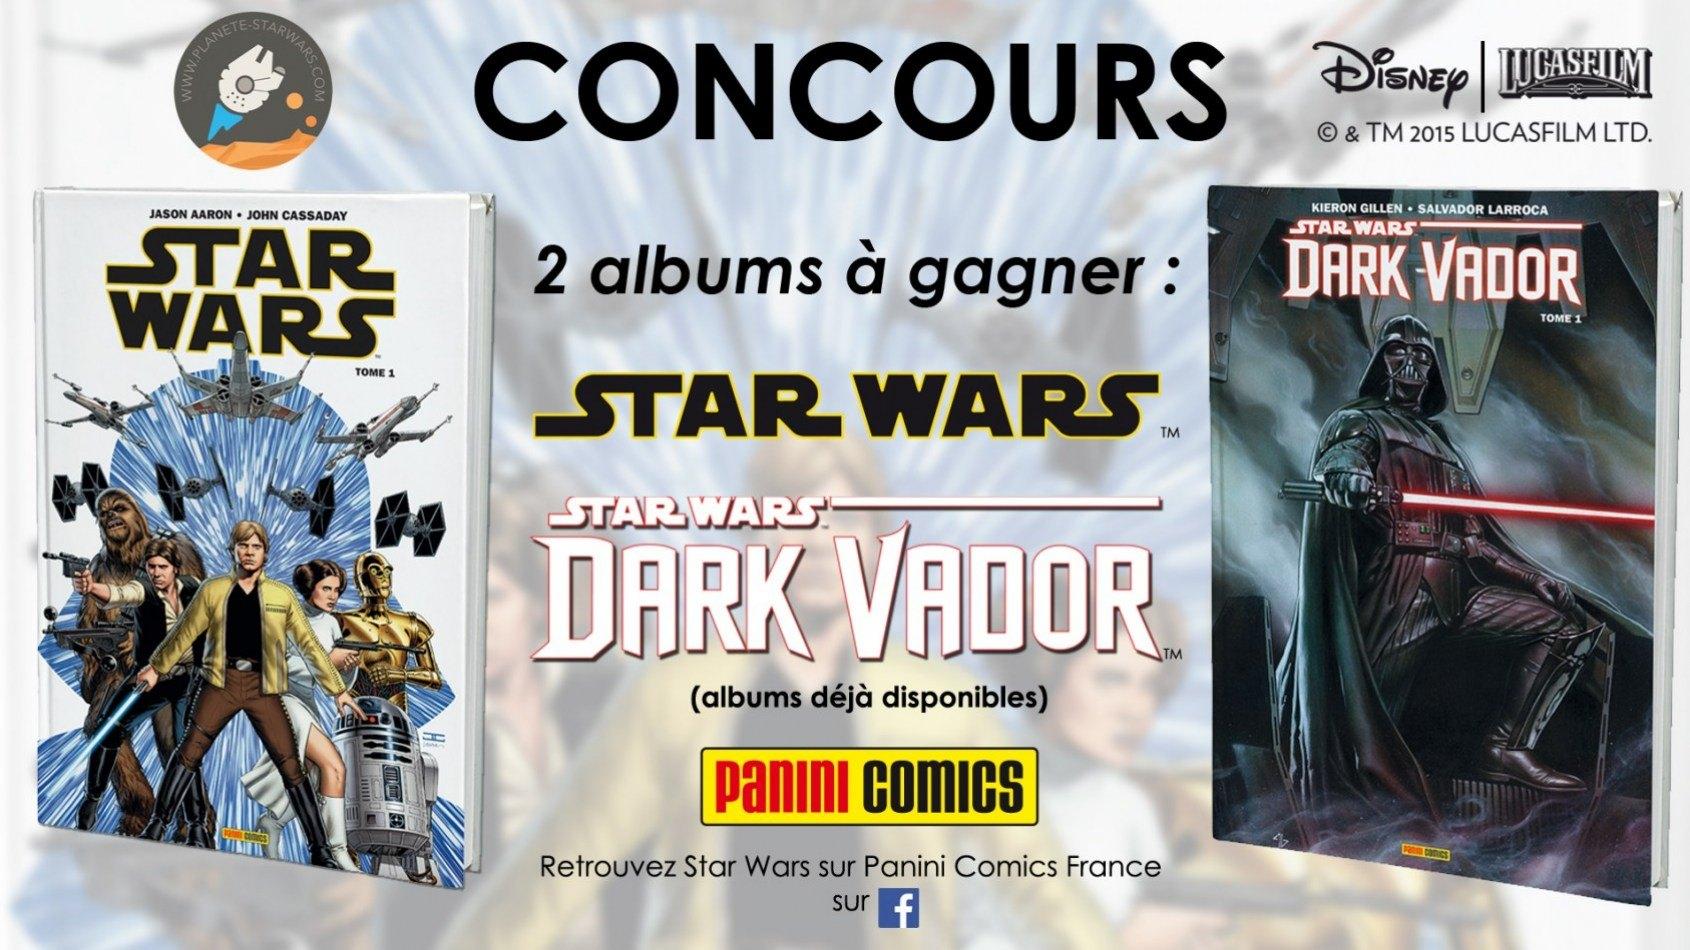 CONCOURS : Gagnez les premiers albums de Panini